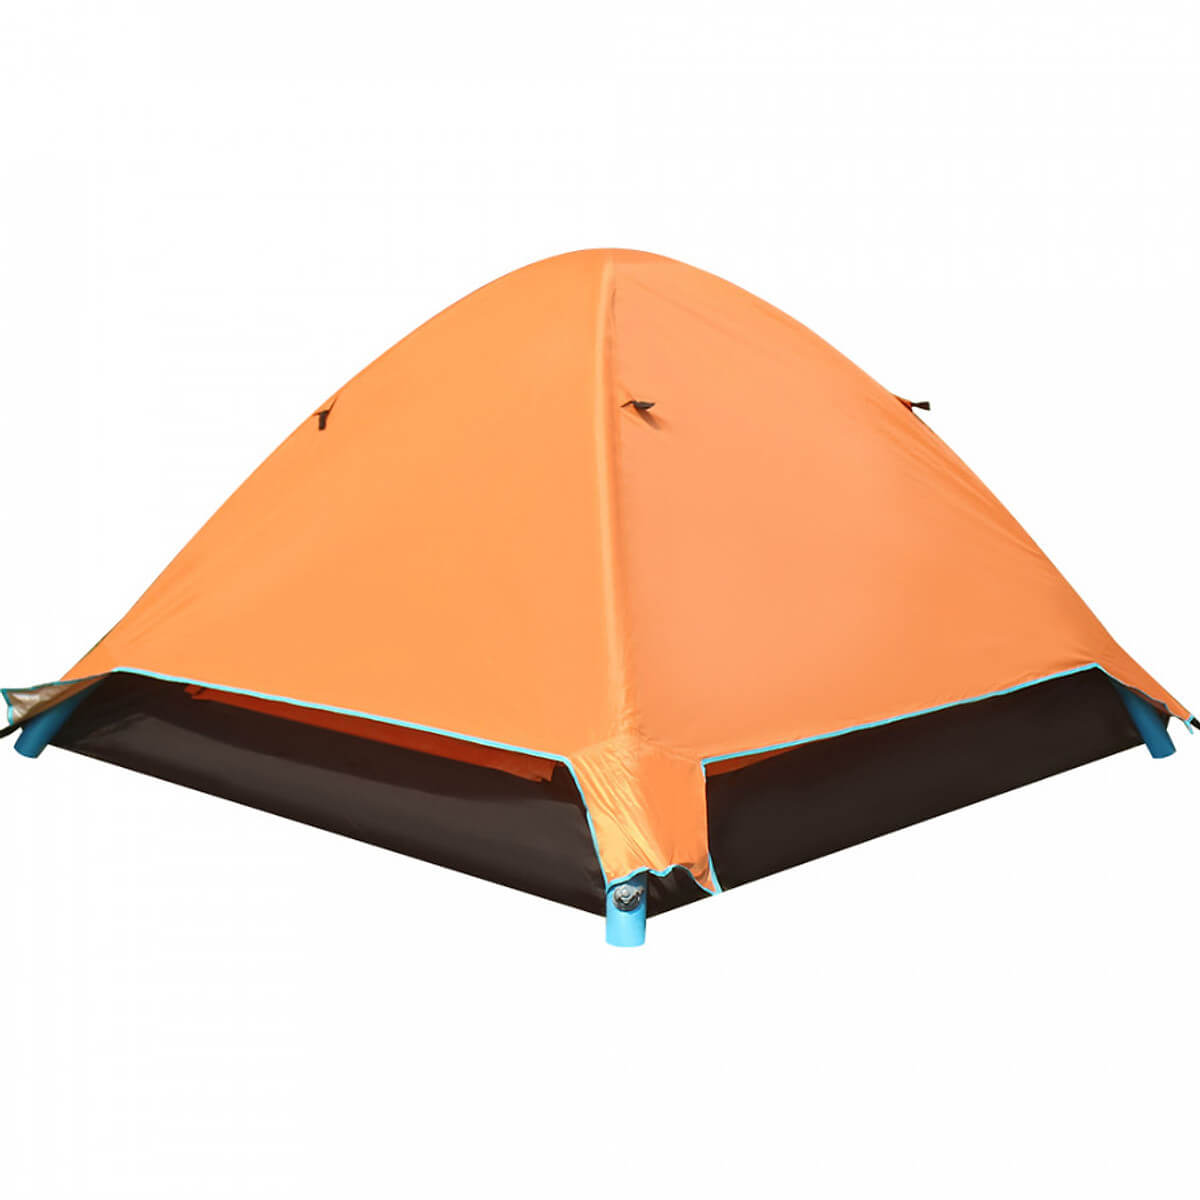 Lều cắm trại bơm hơi